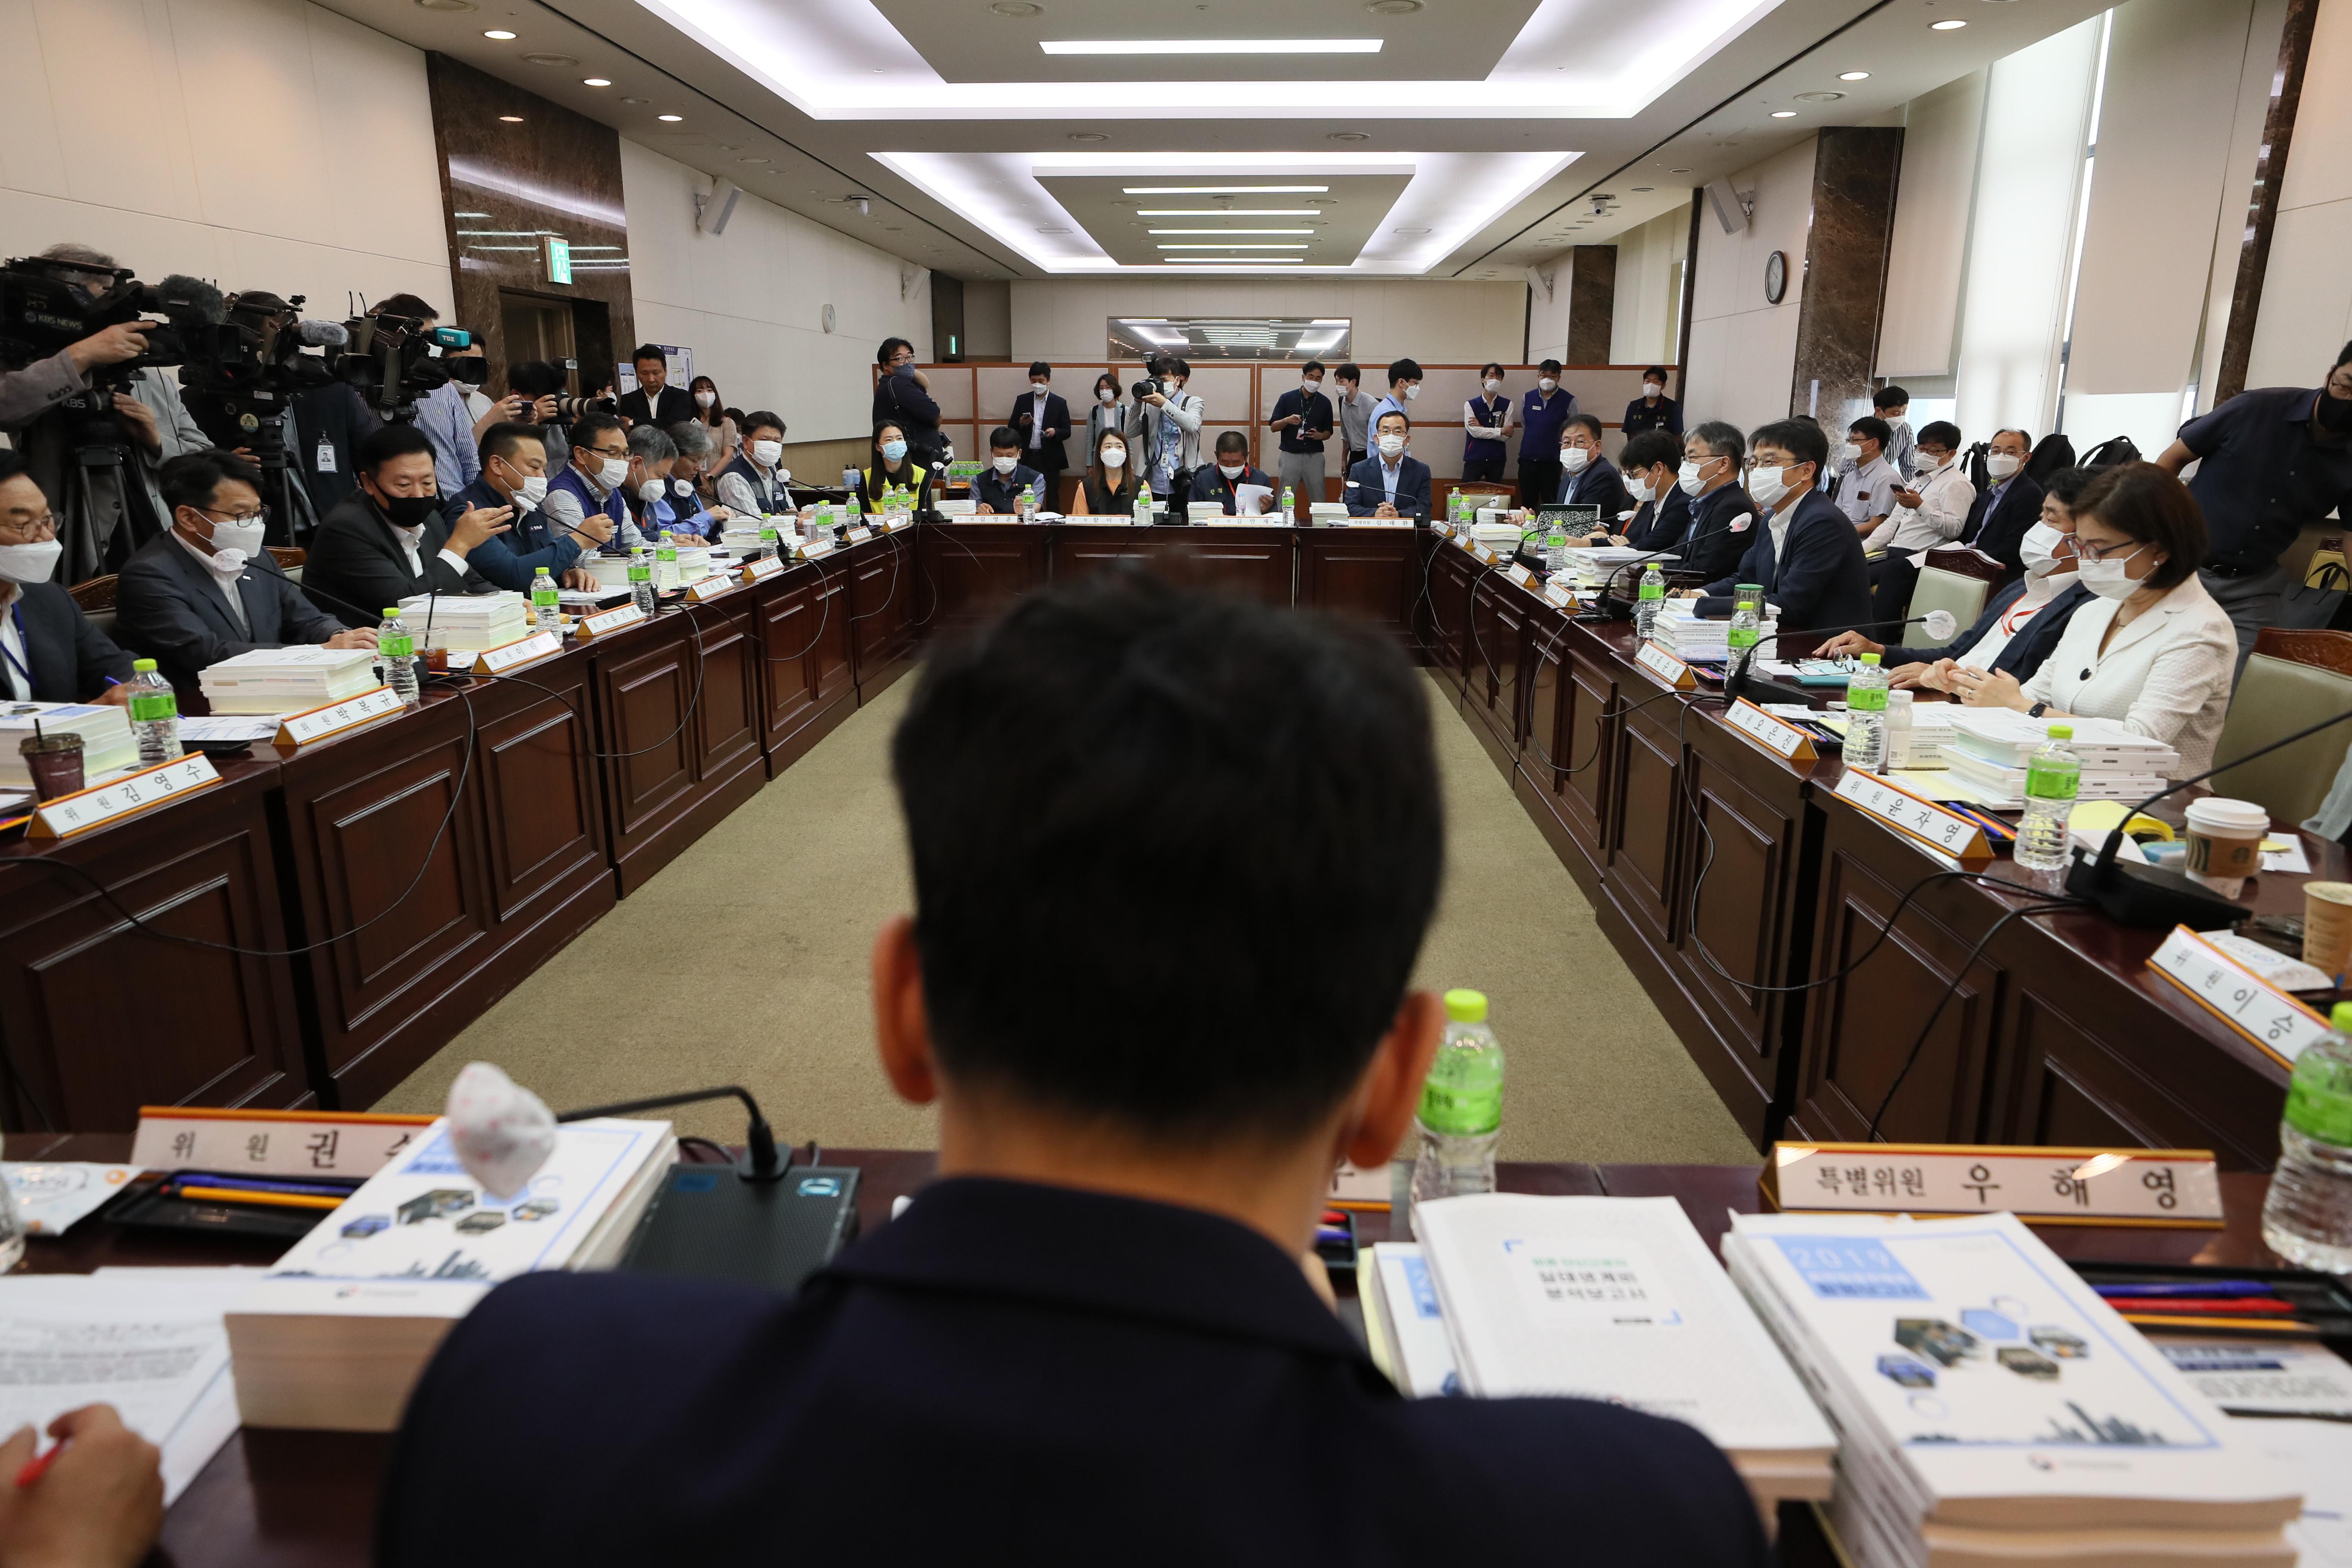 최저임금위원회 전원회의